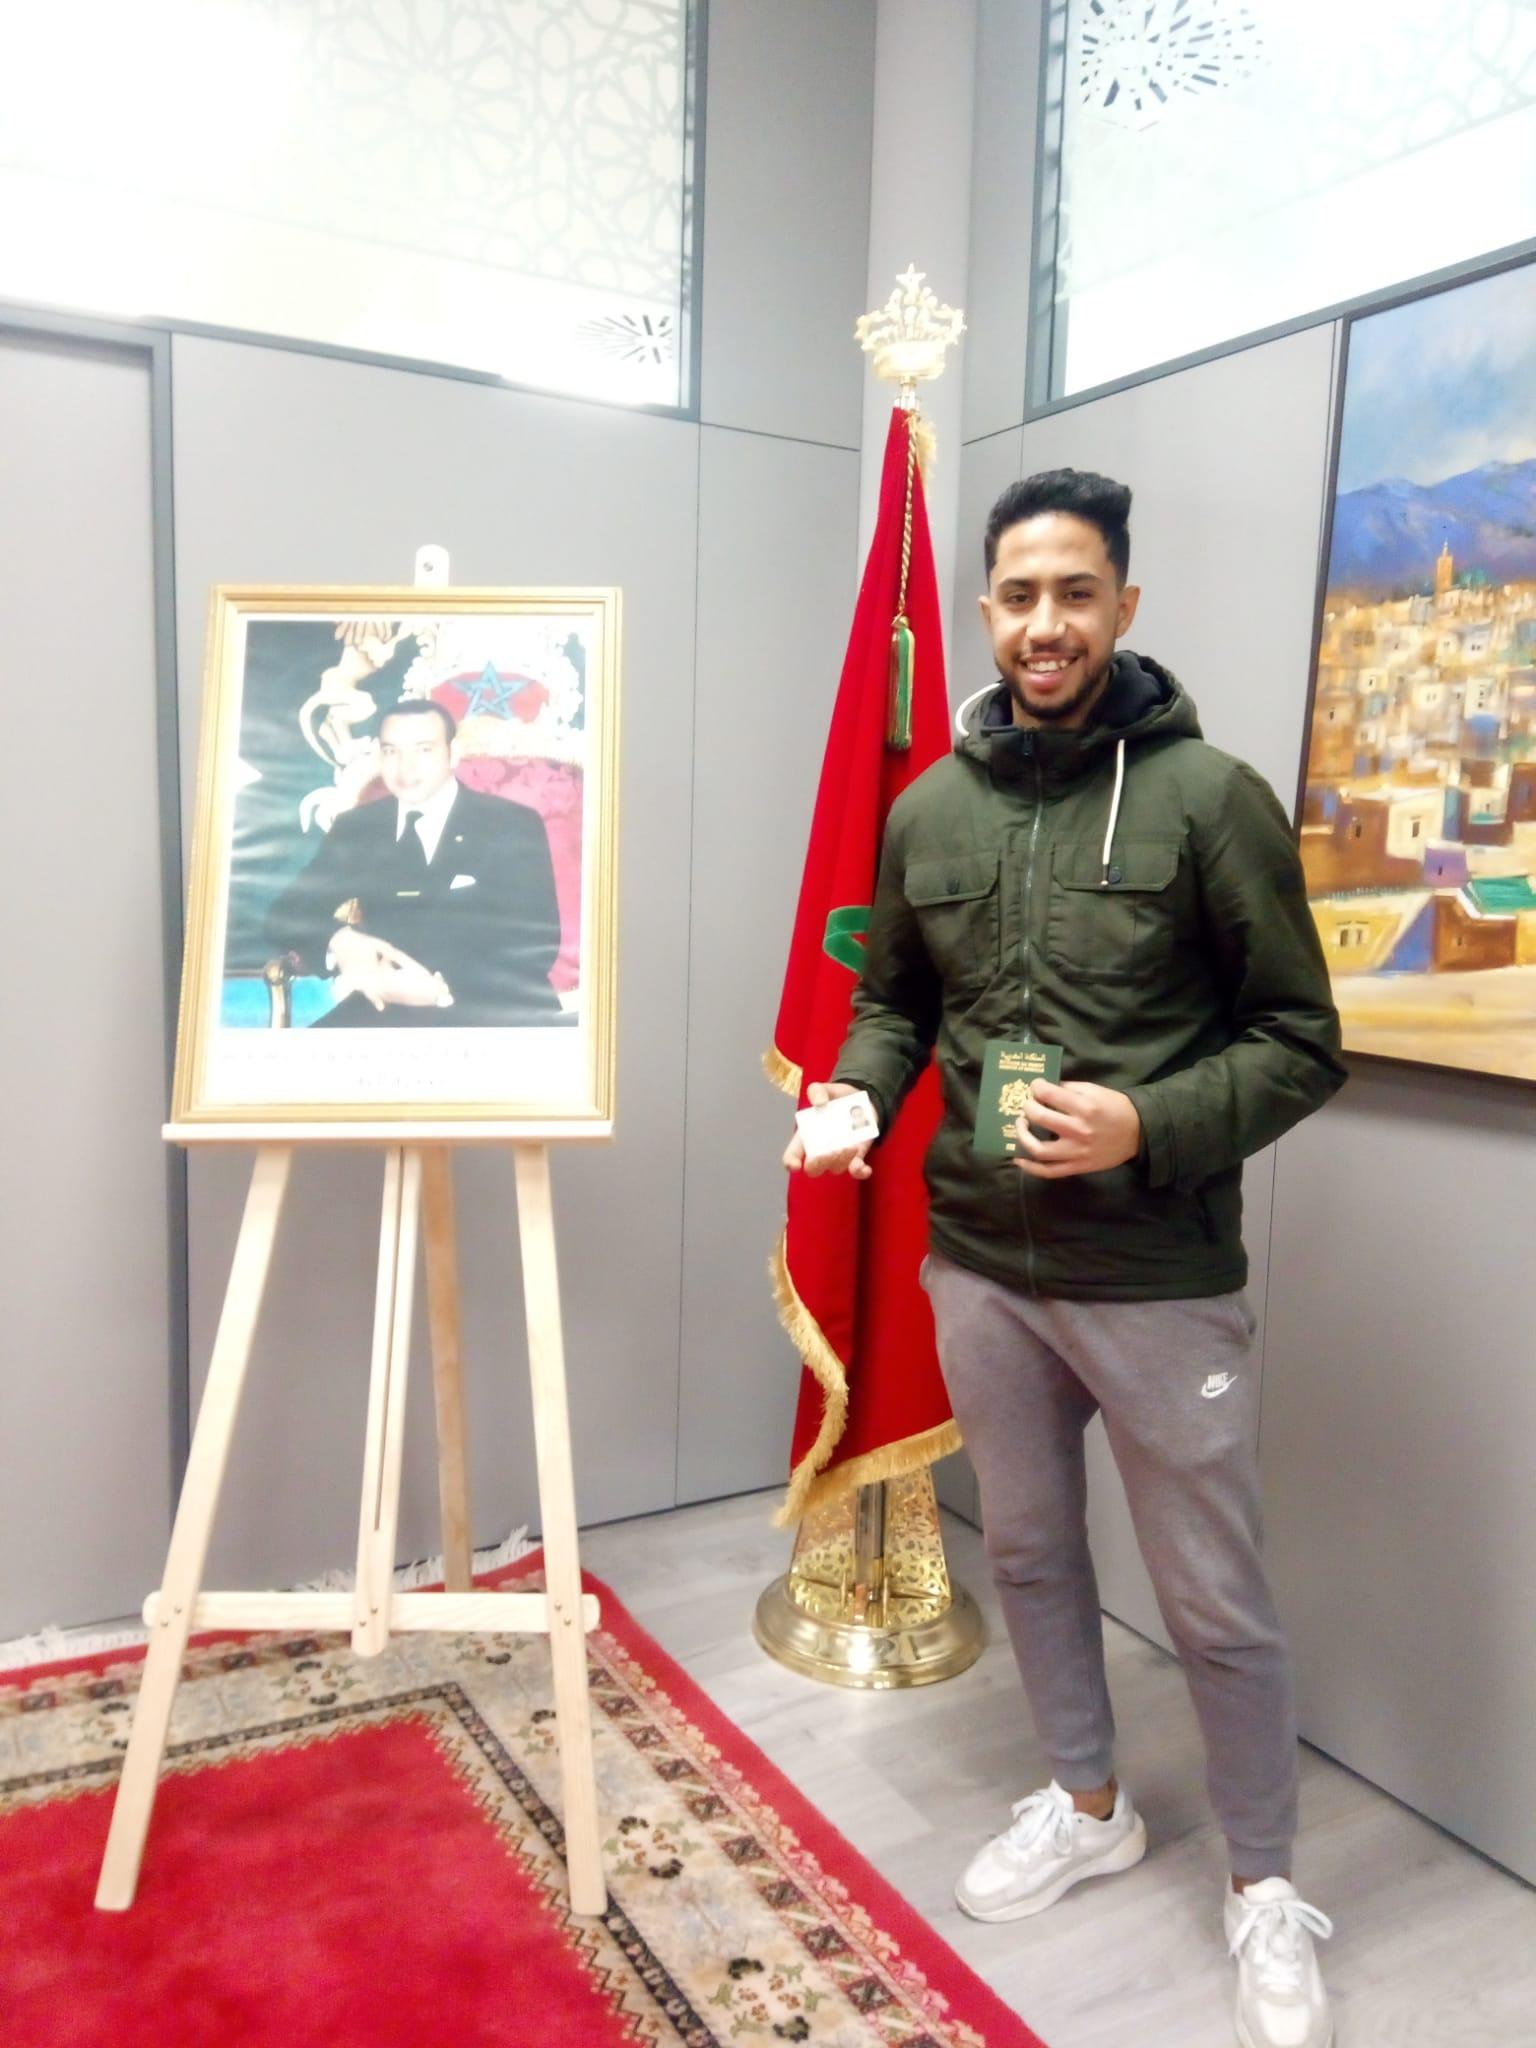 فرحة قاصر مغربي لحظة استيلام جواز السفر بالقنصلية العامة للمملكة المغربية ببرشلونة.